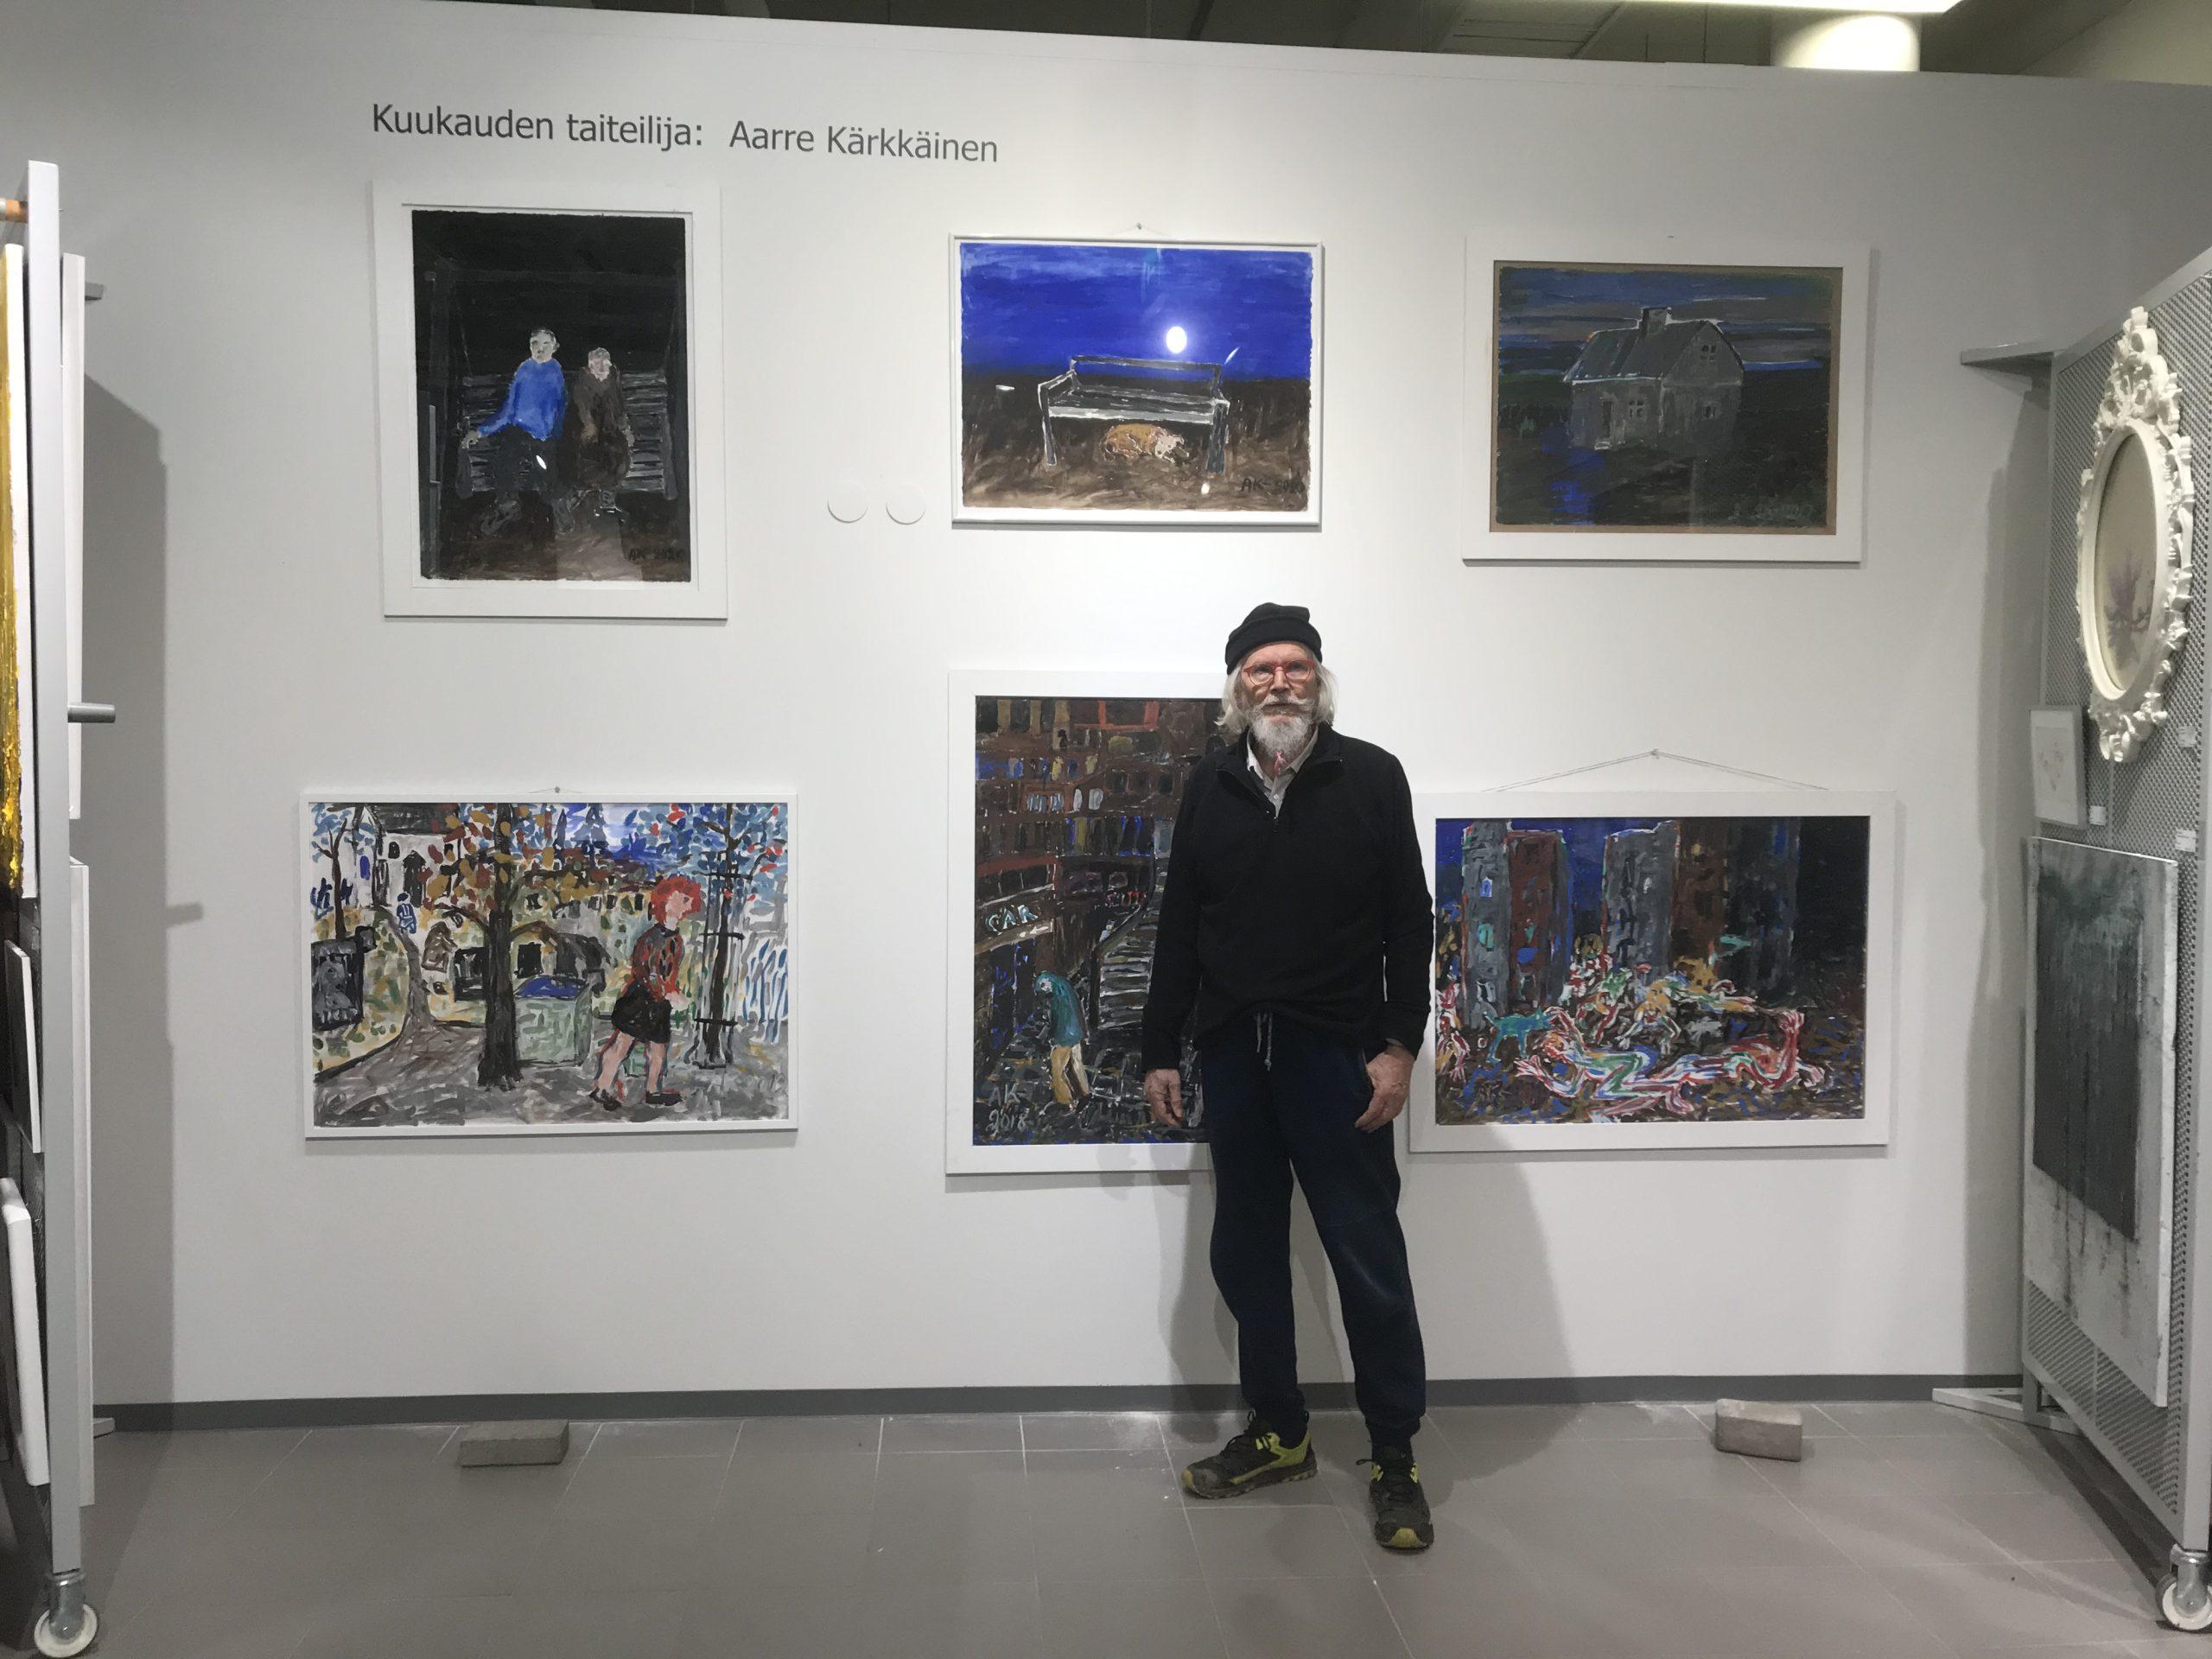 Taiteilija poseeraa seinälle ripustettujen teostensa edessä.